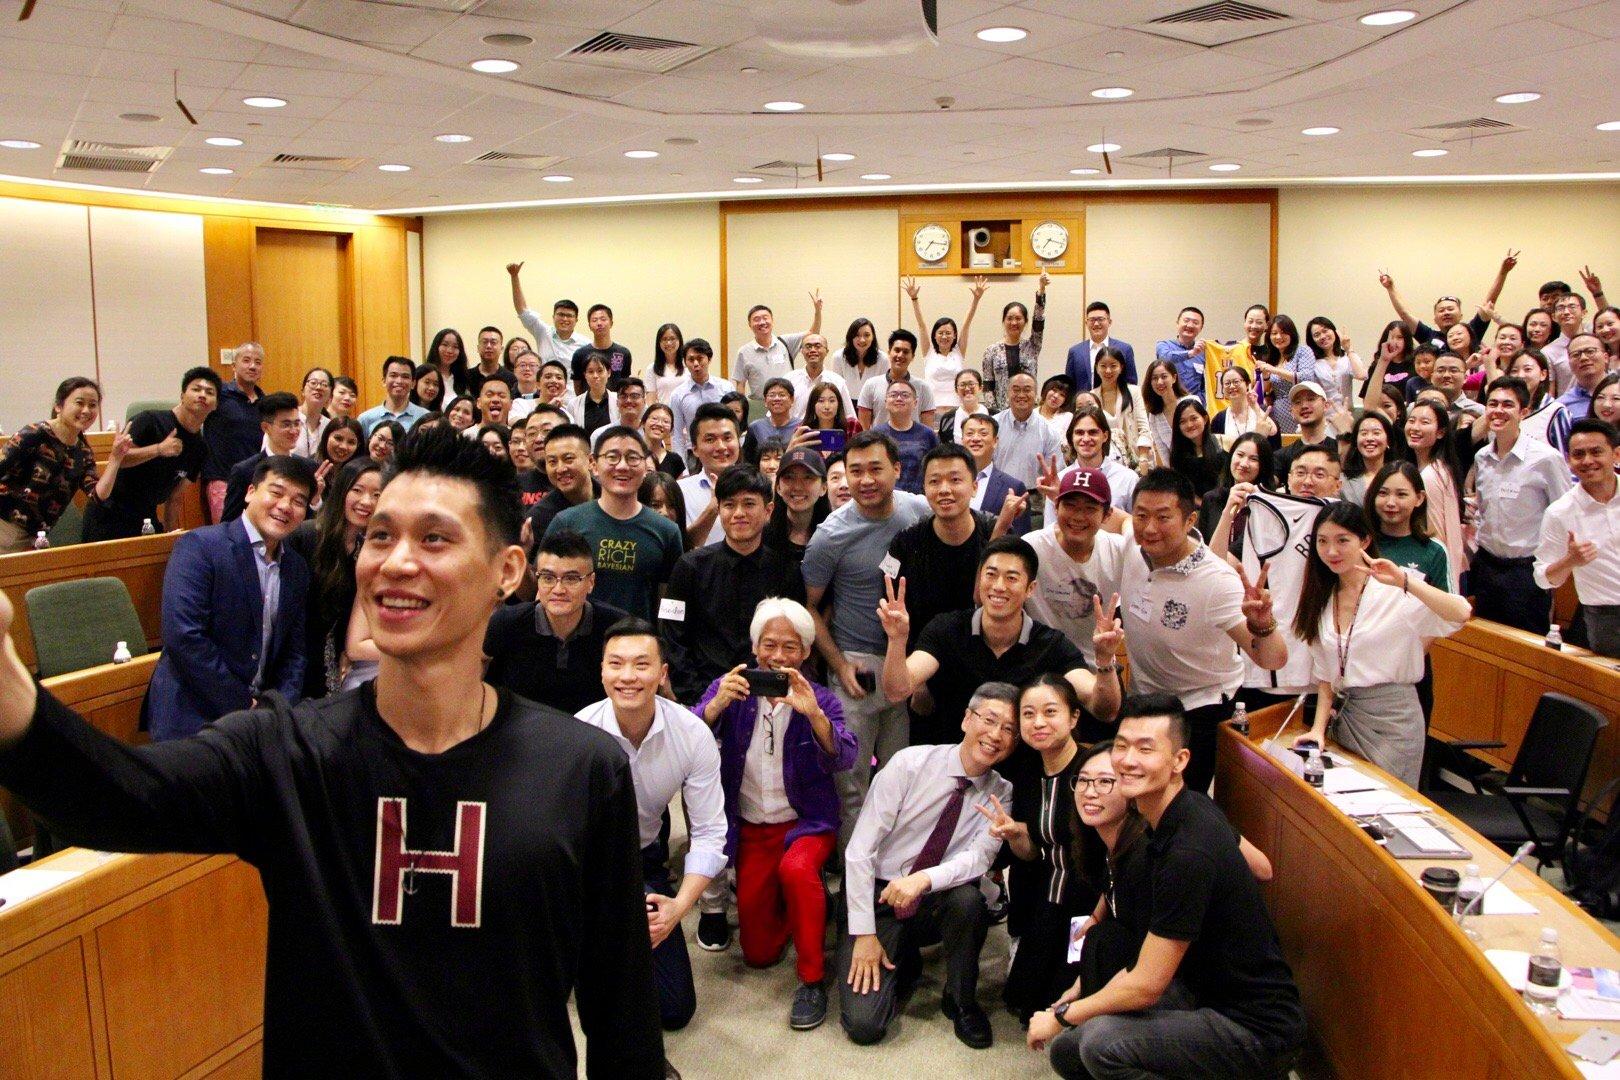 今晚跟我大学校友和学生聊的很开心。谢谢 @哈佛中心上海 的欢迎